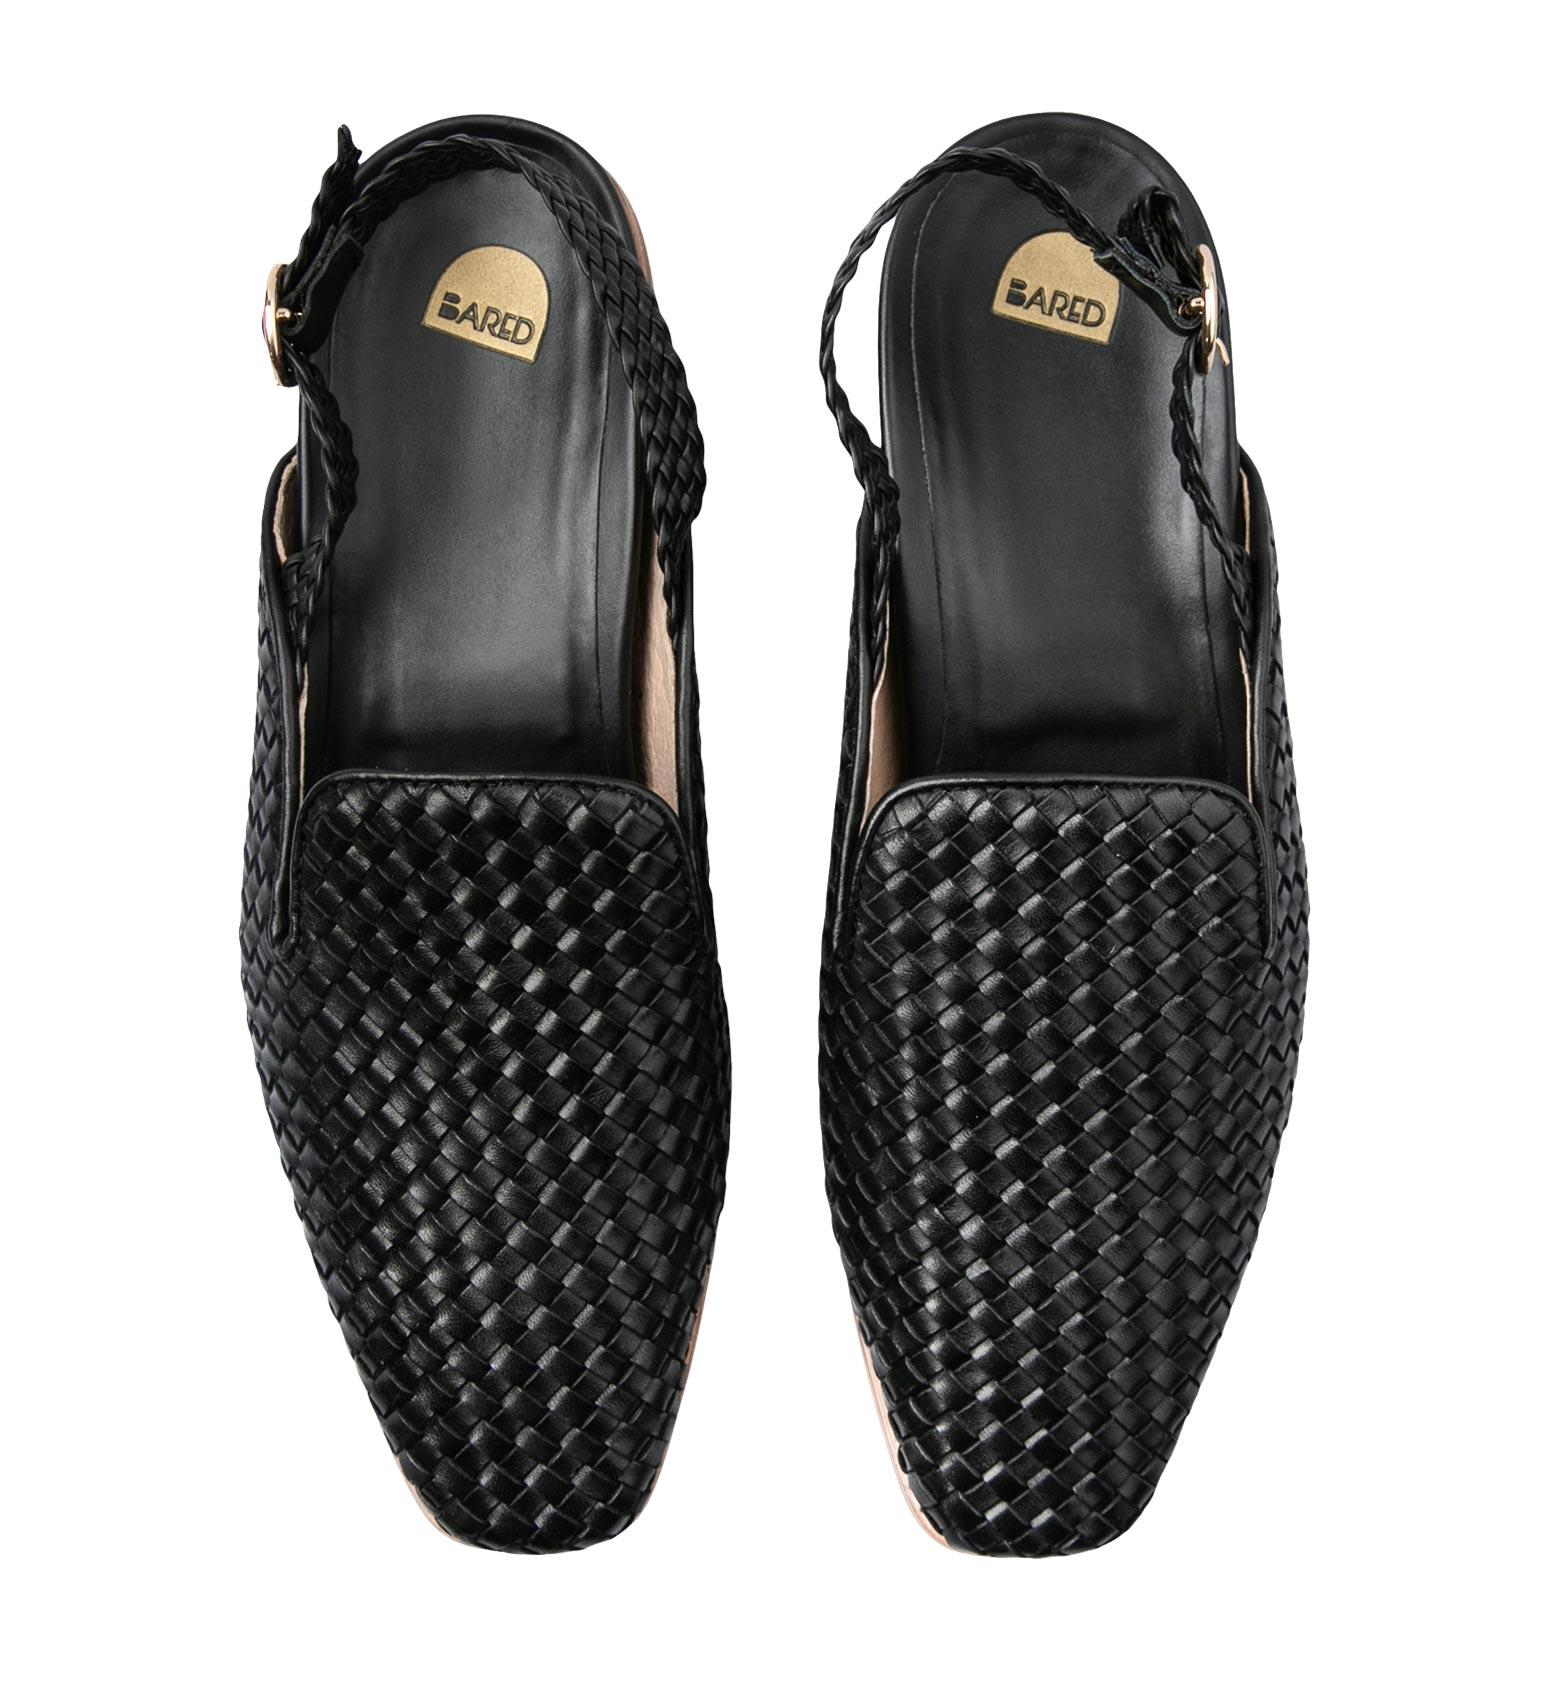 Bared Footwear Slides